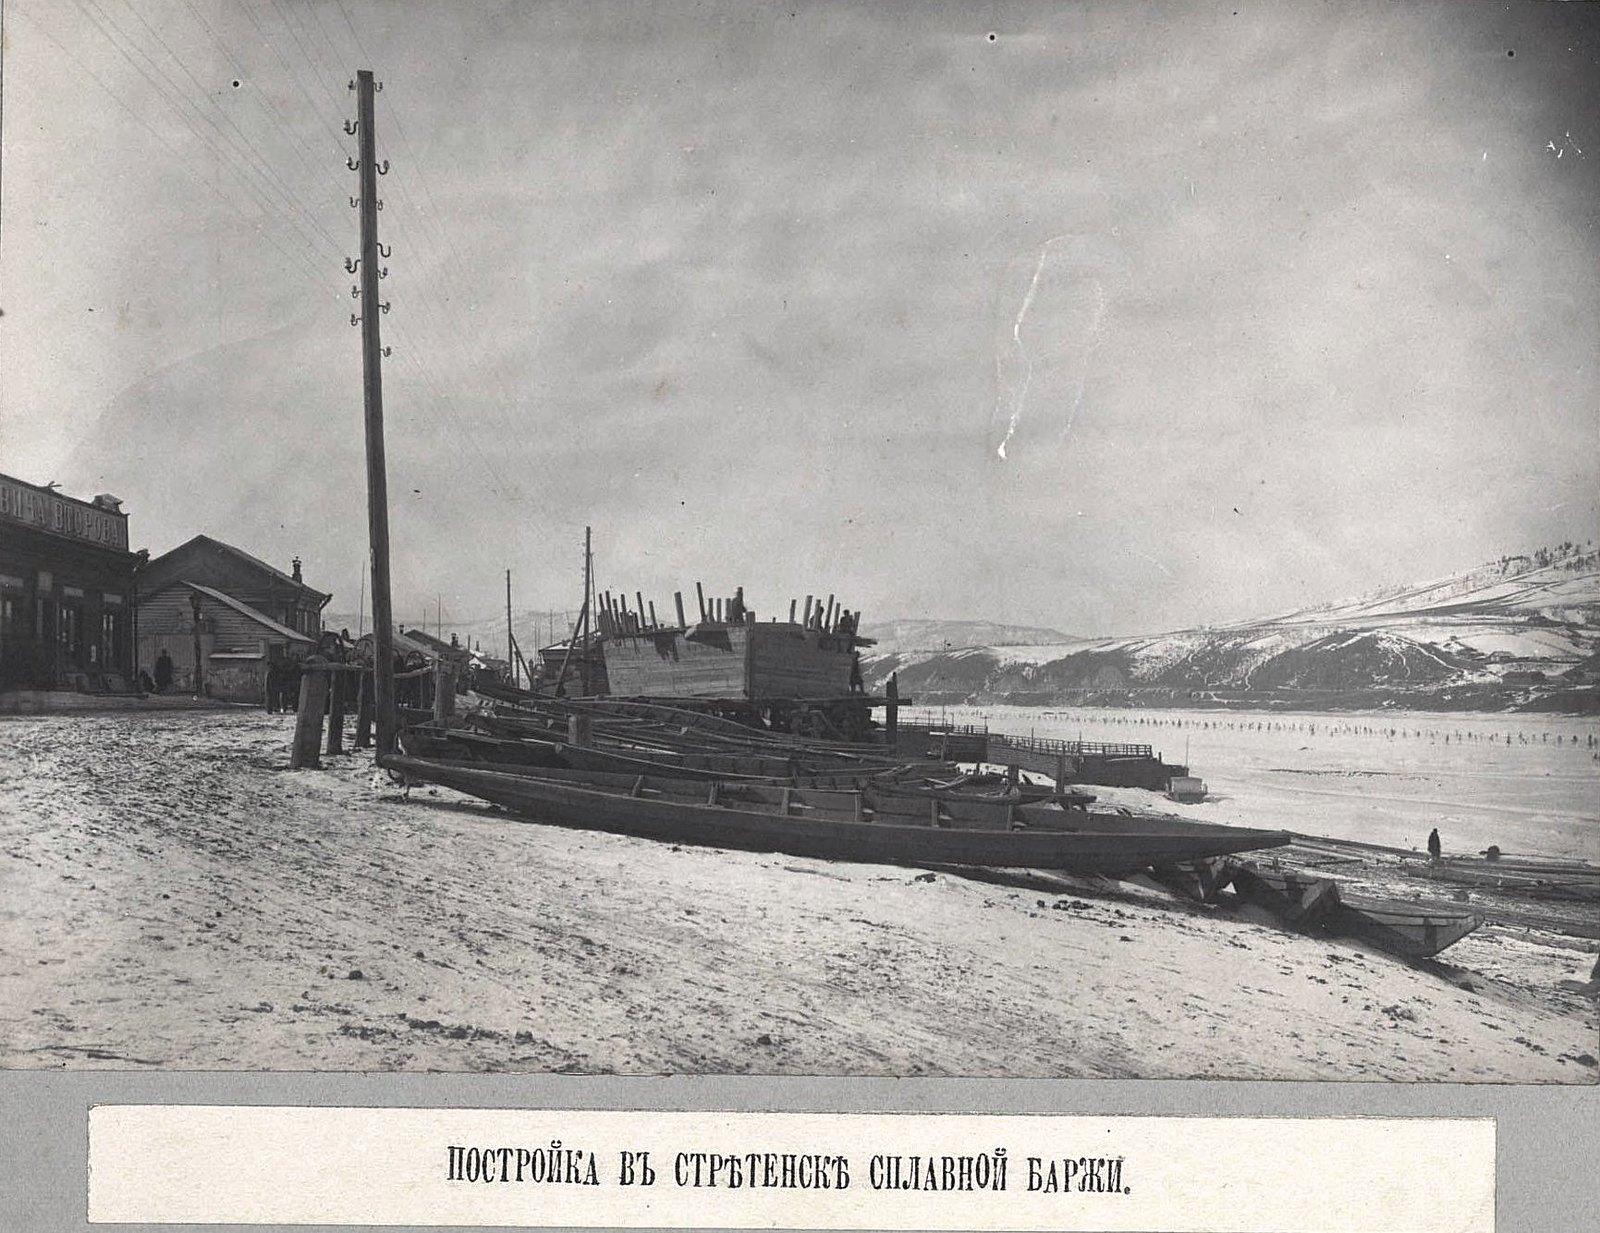 130. Постройка в Стретенске сплавной баржи